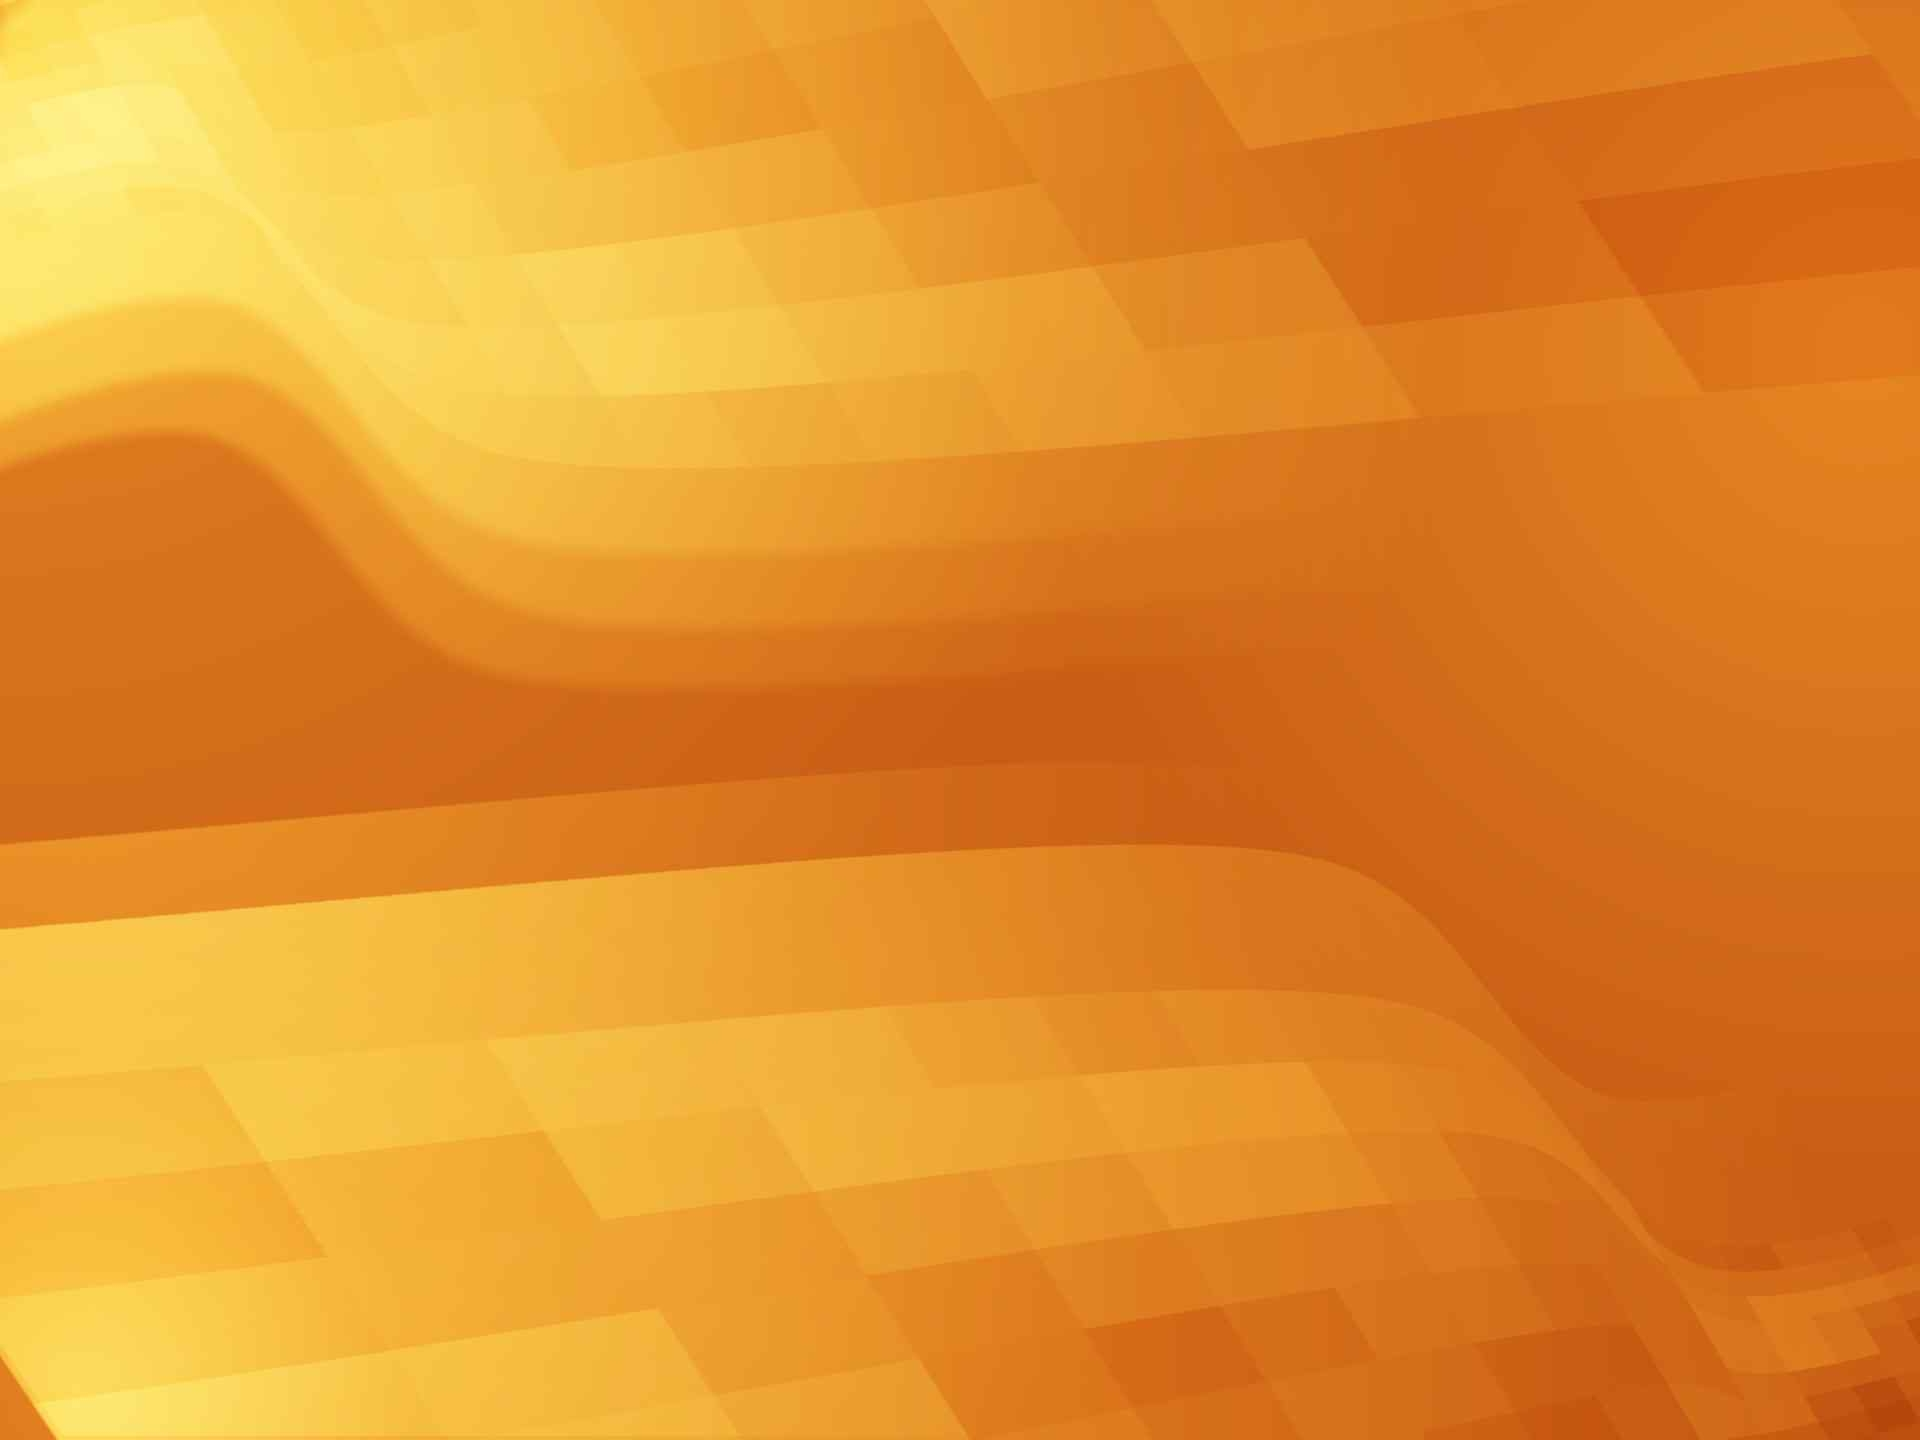 Orange Pixels Wave Background For Free